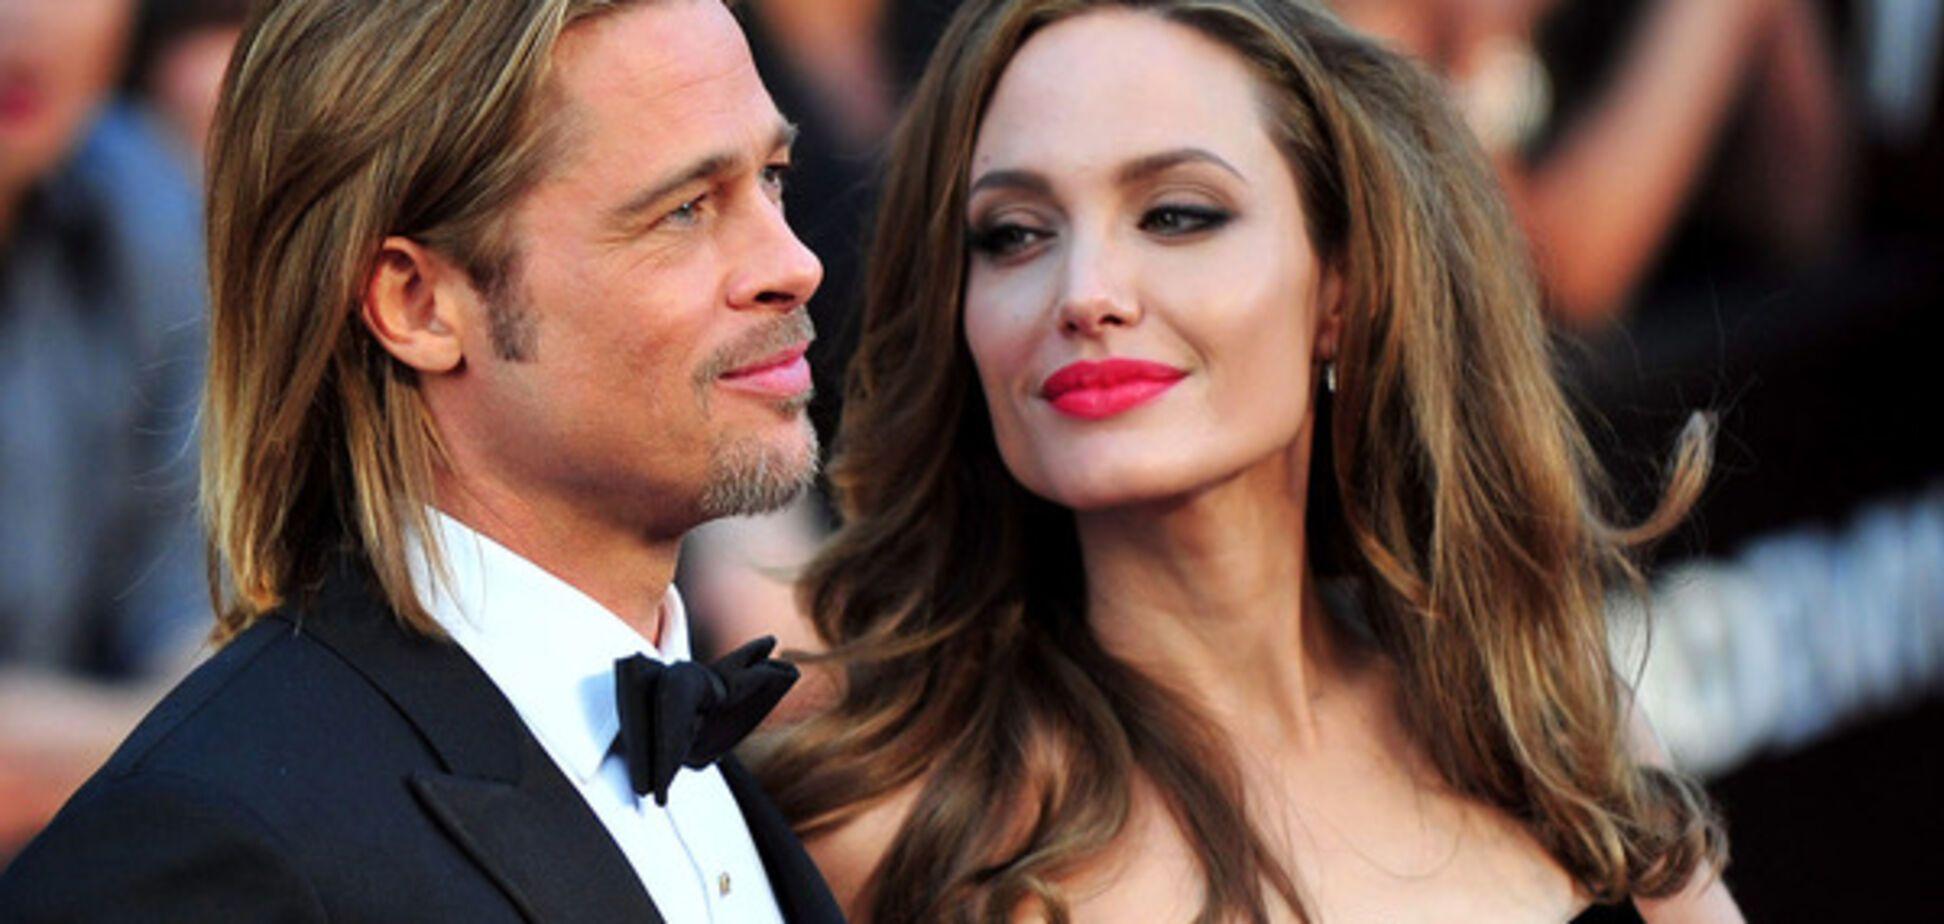 Во всем виноват брат? Стала известна новая причина расставания Джоли и Питта